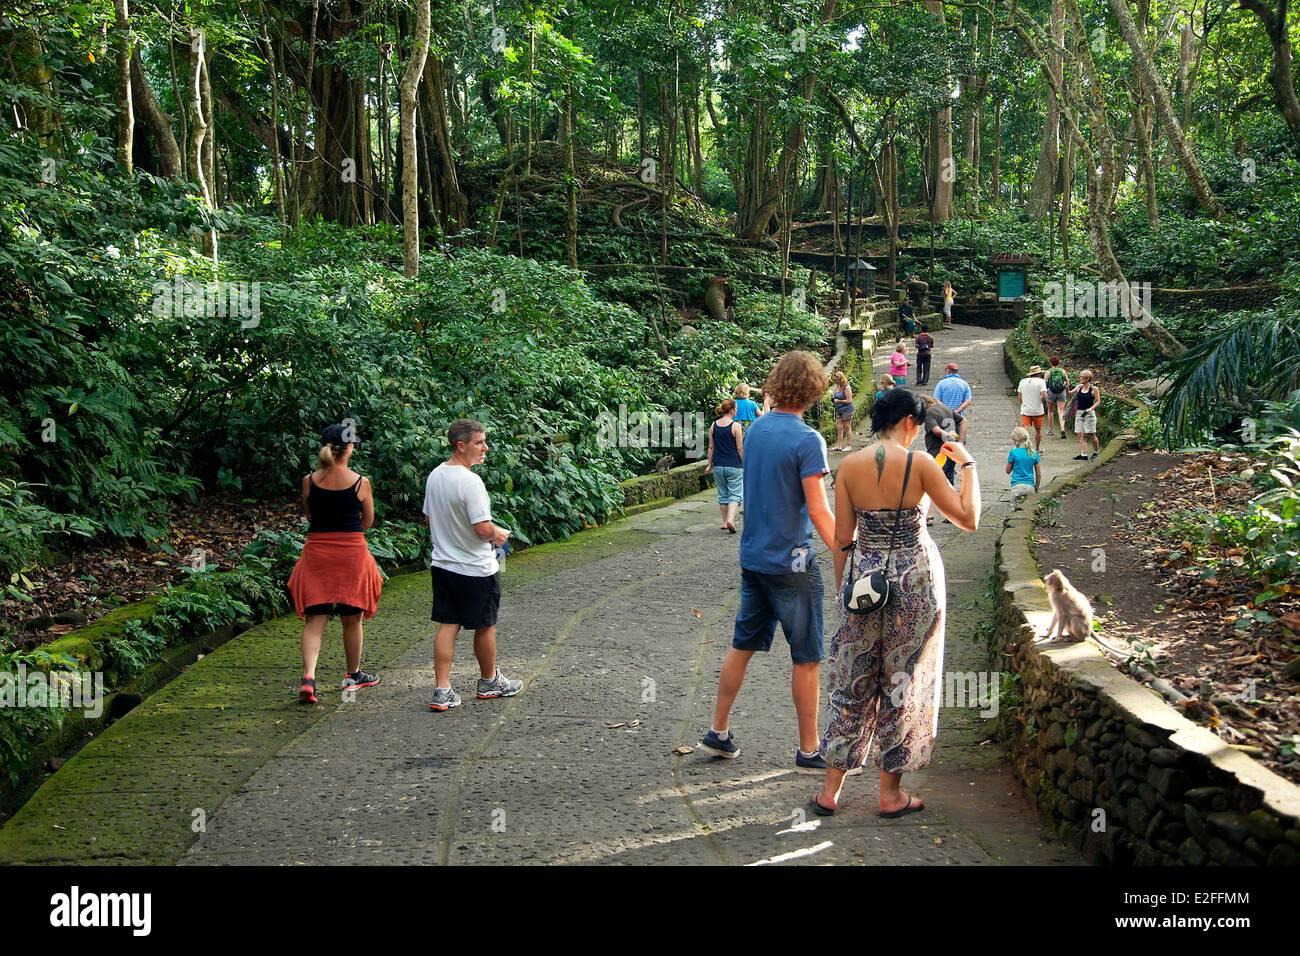 Indonesia, Bali, Ubud, Monkey Forest - Stock Image